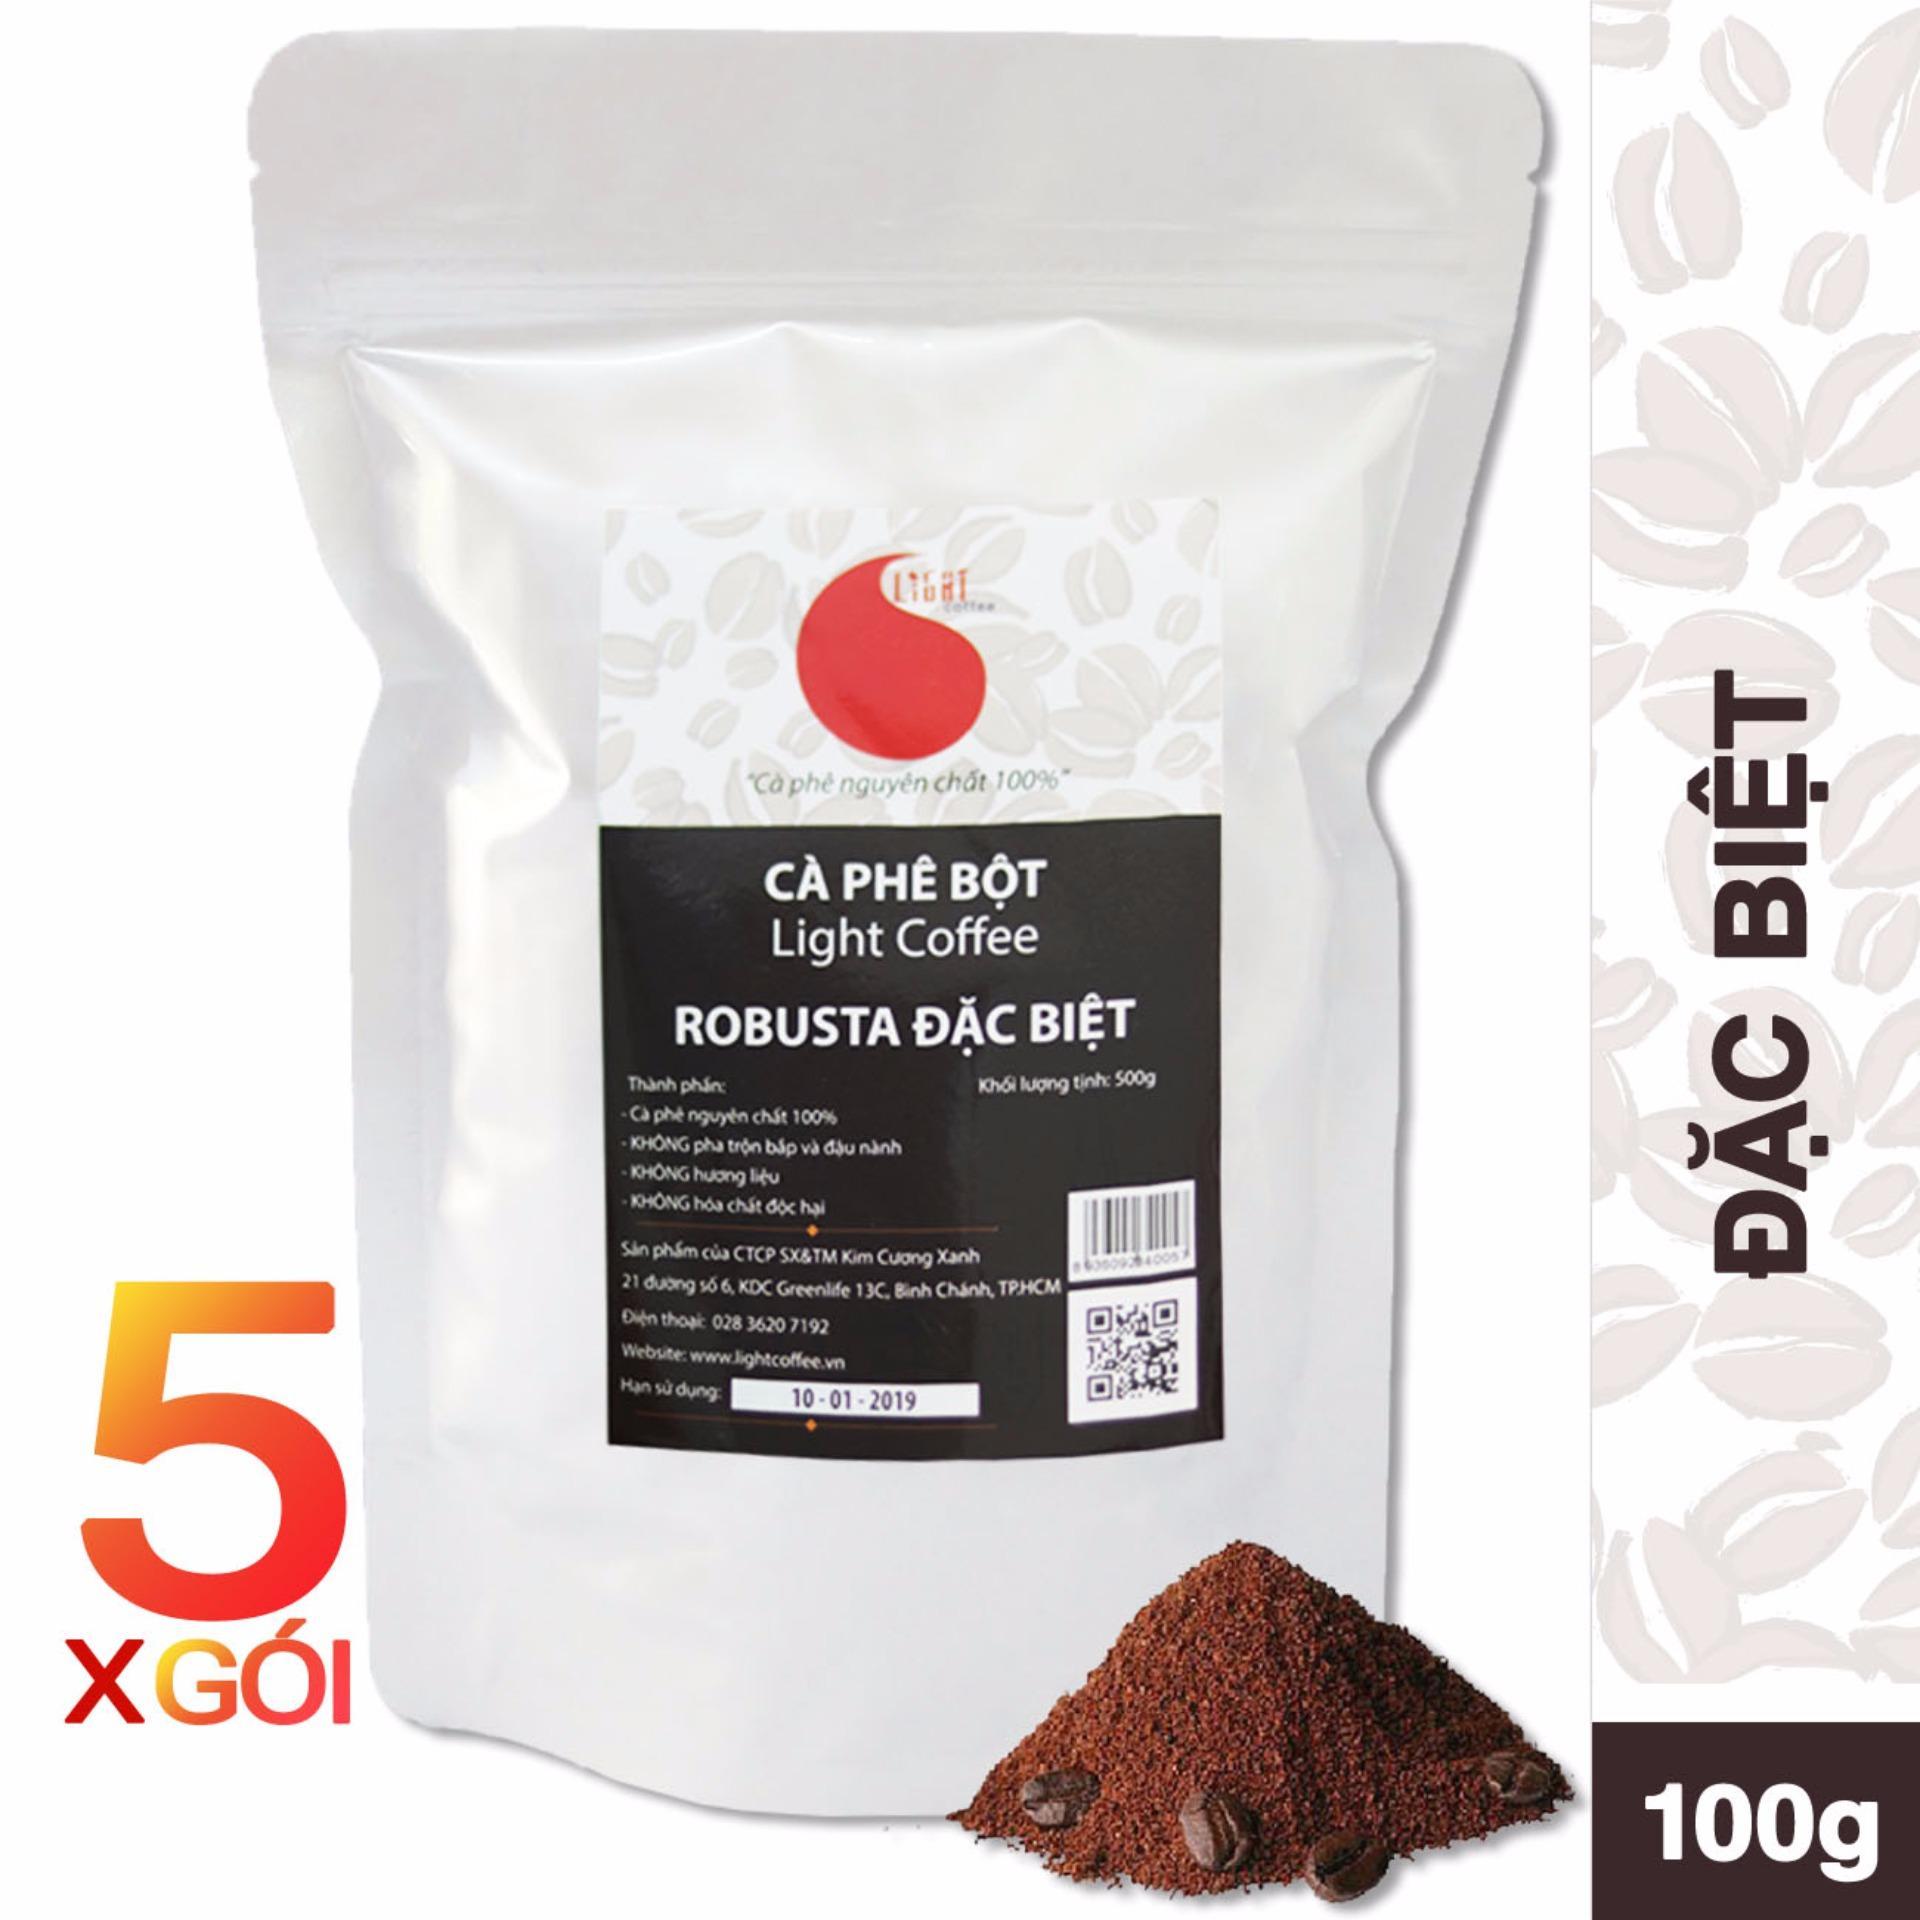 Giá Bán Giảm Gia Combo 5 Goi 2 5Kg Ca Phe Nguyen Chất 100 Light Coffee Đặc Biệt Bột Mới